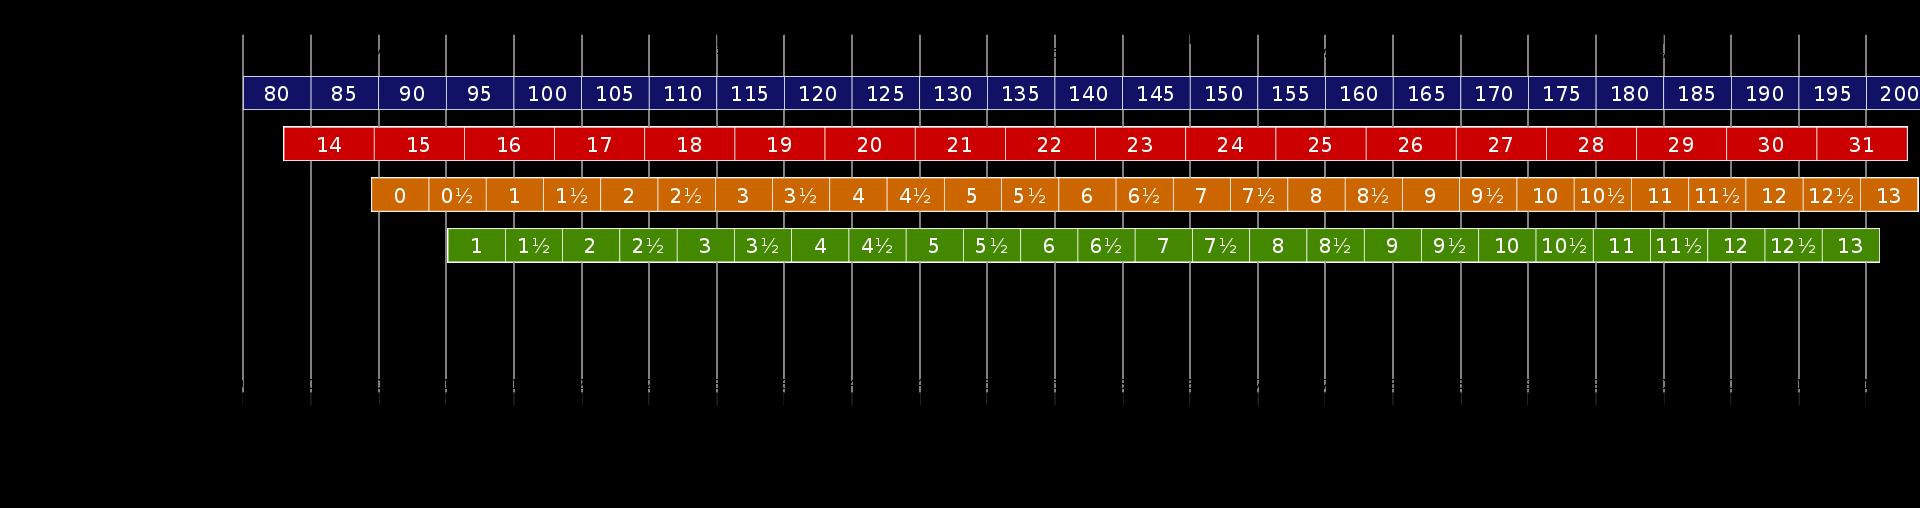 7d903947b83e foot : a láb mérete mm-ben, a képen a nagylábujj és sarok közötti távolság  (lenght). A kékkel jelölt vonal.